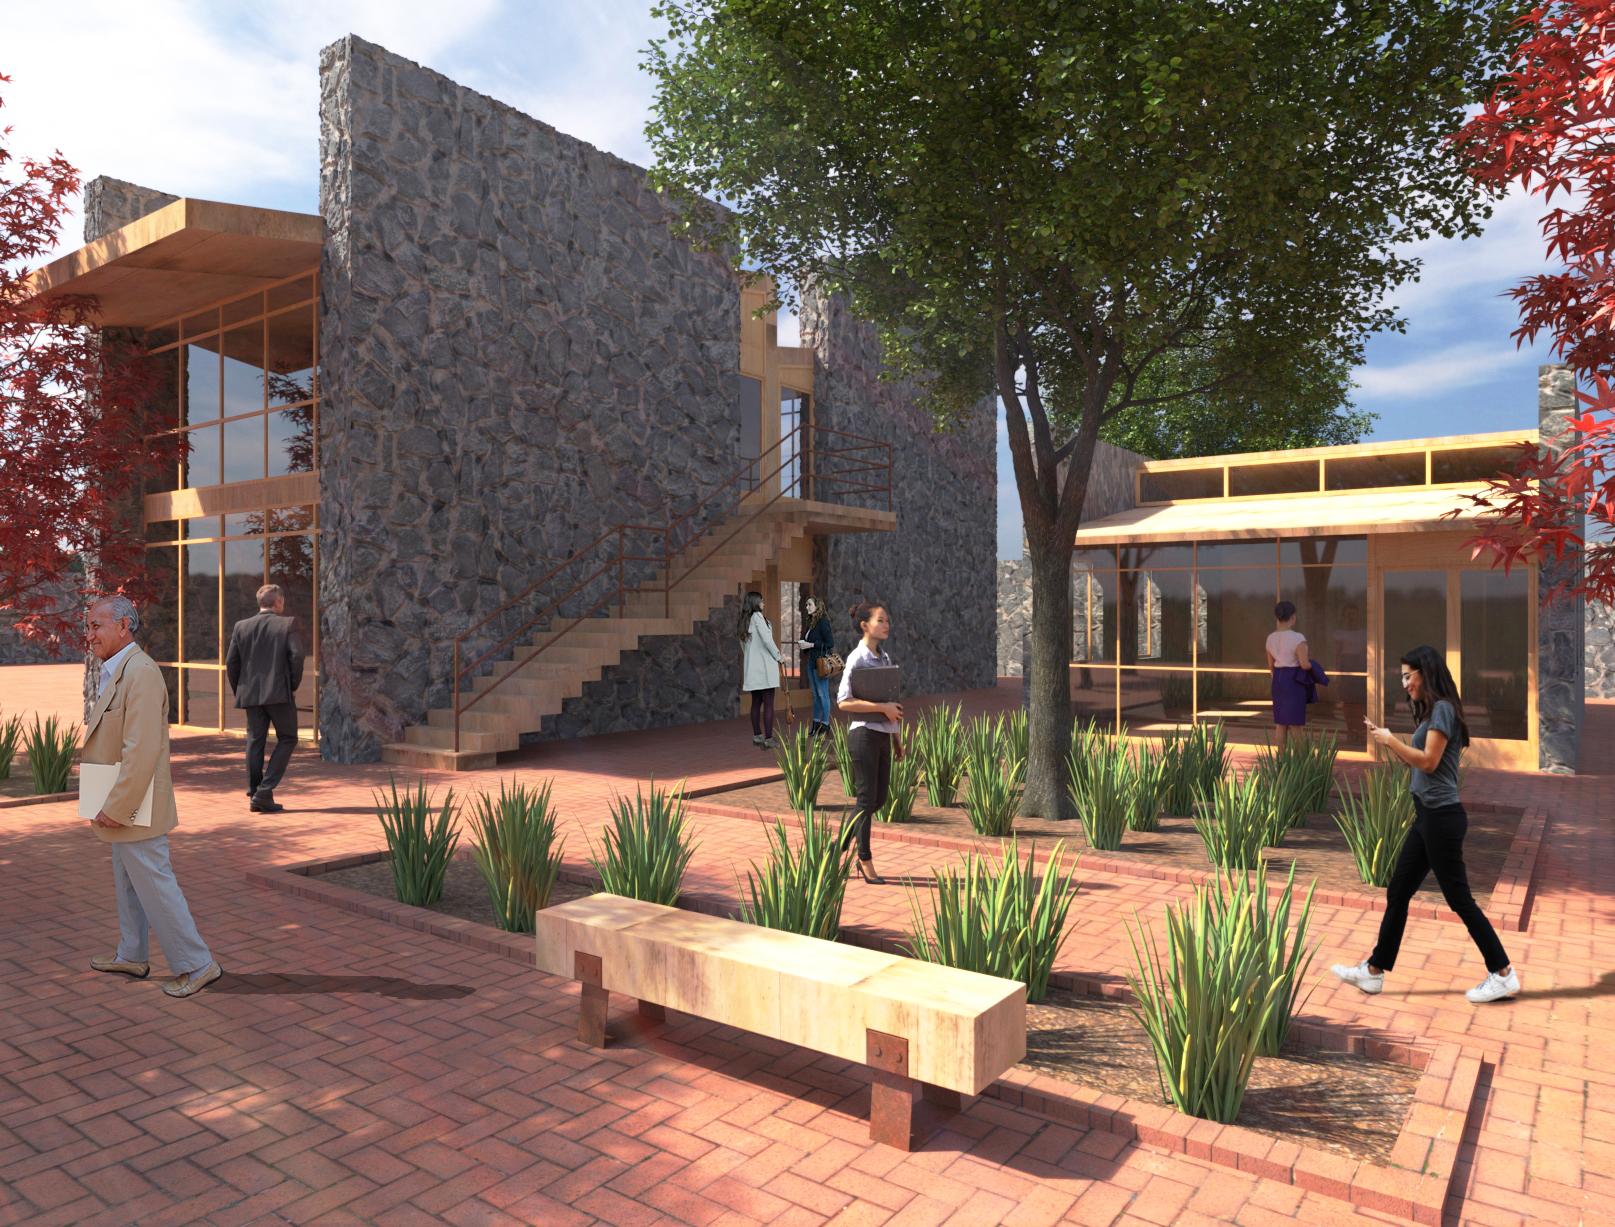 Universidad para el Bienestar Benito Juarez